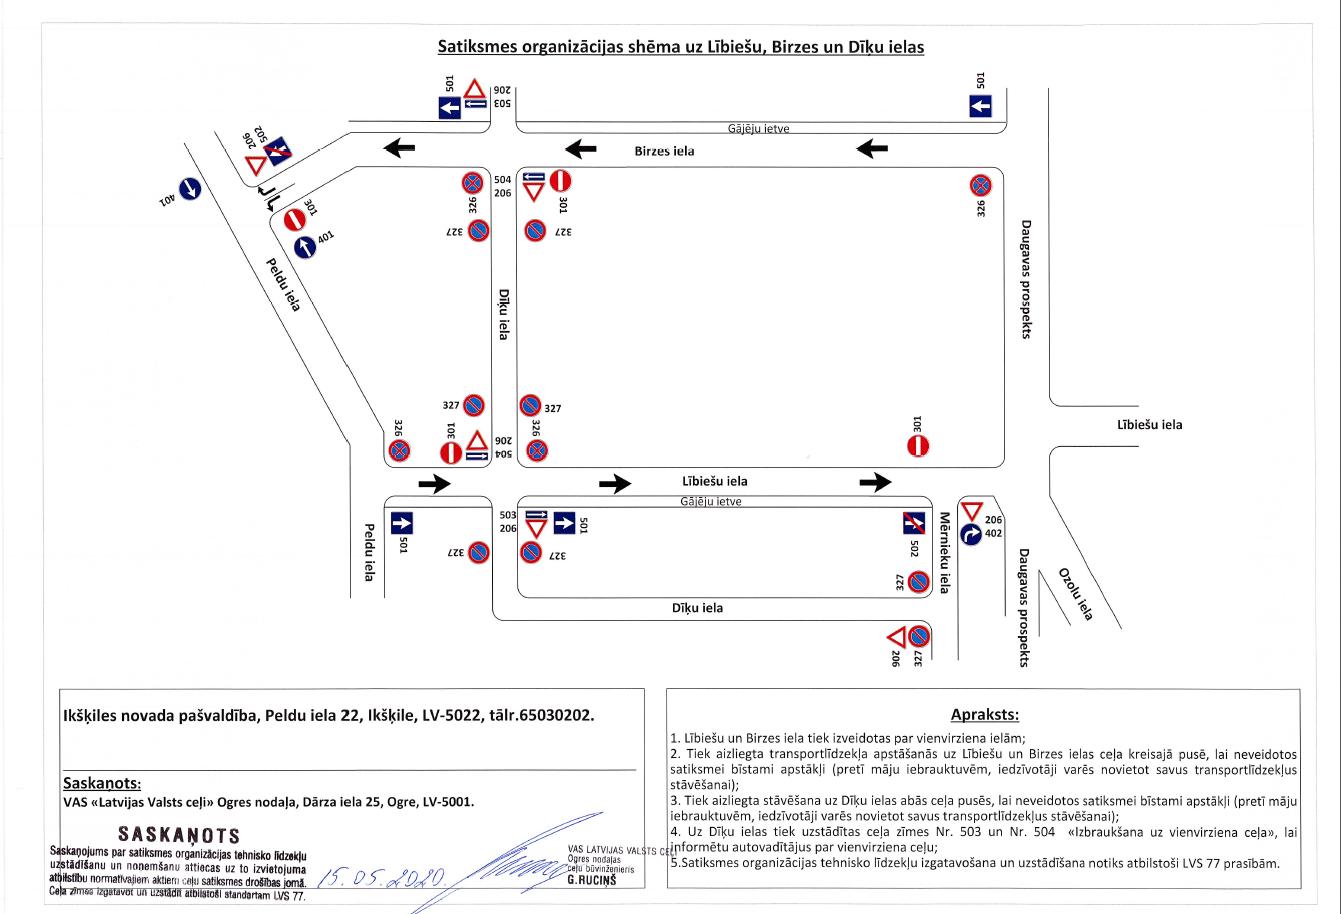 Izmaiņas satiksmes virzienos Ikšķilē, 2020. Birzes iela, Lībiešu iela, Dīķu iela.